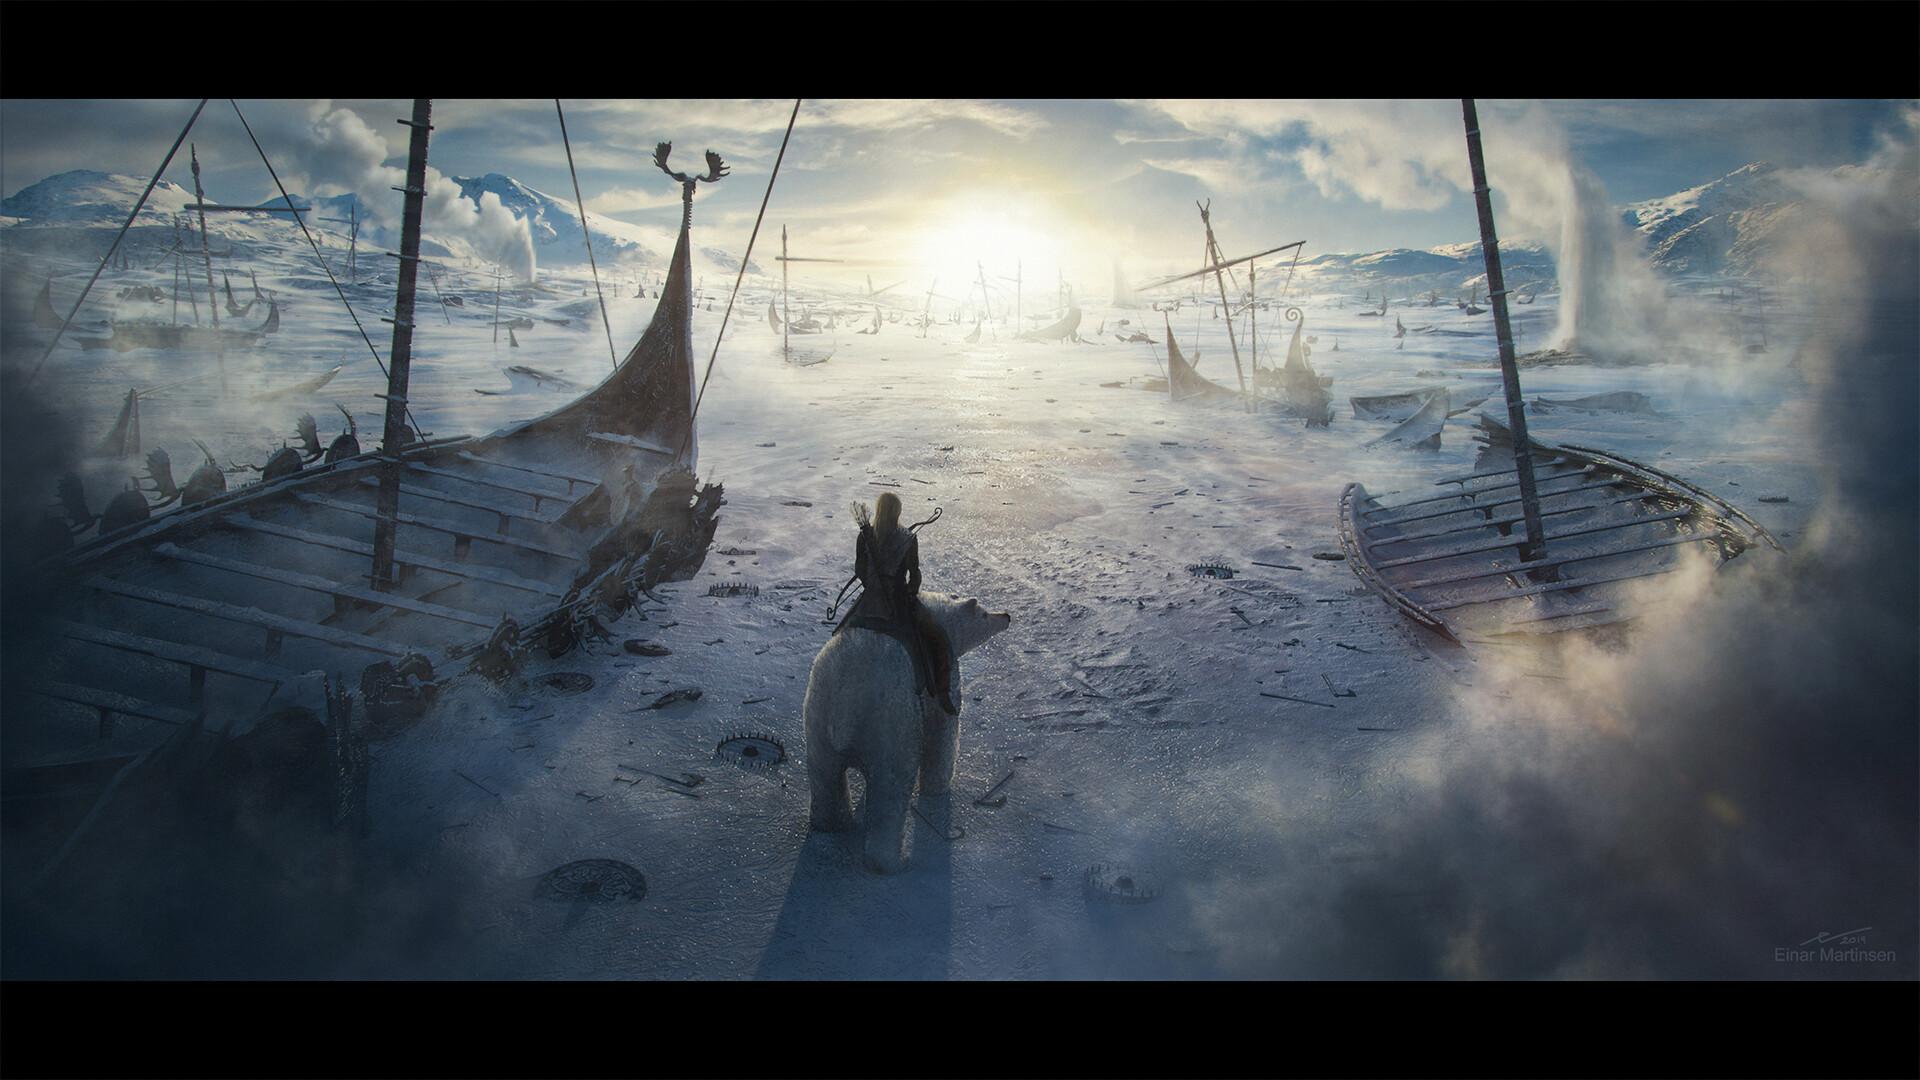 Einar martinsen viking cold desert em 01